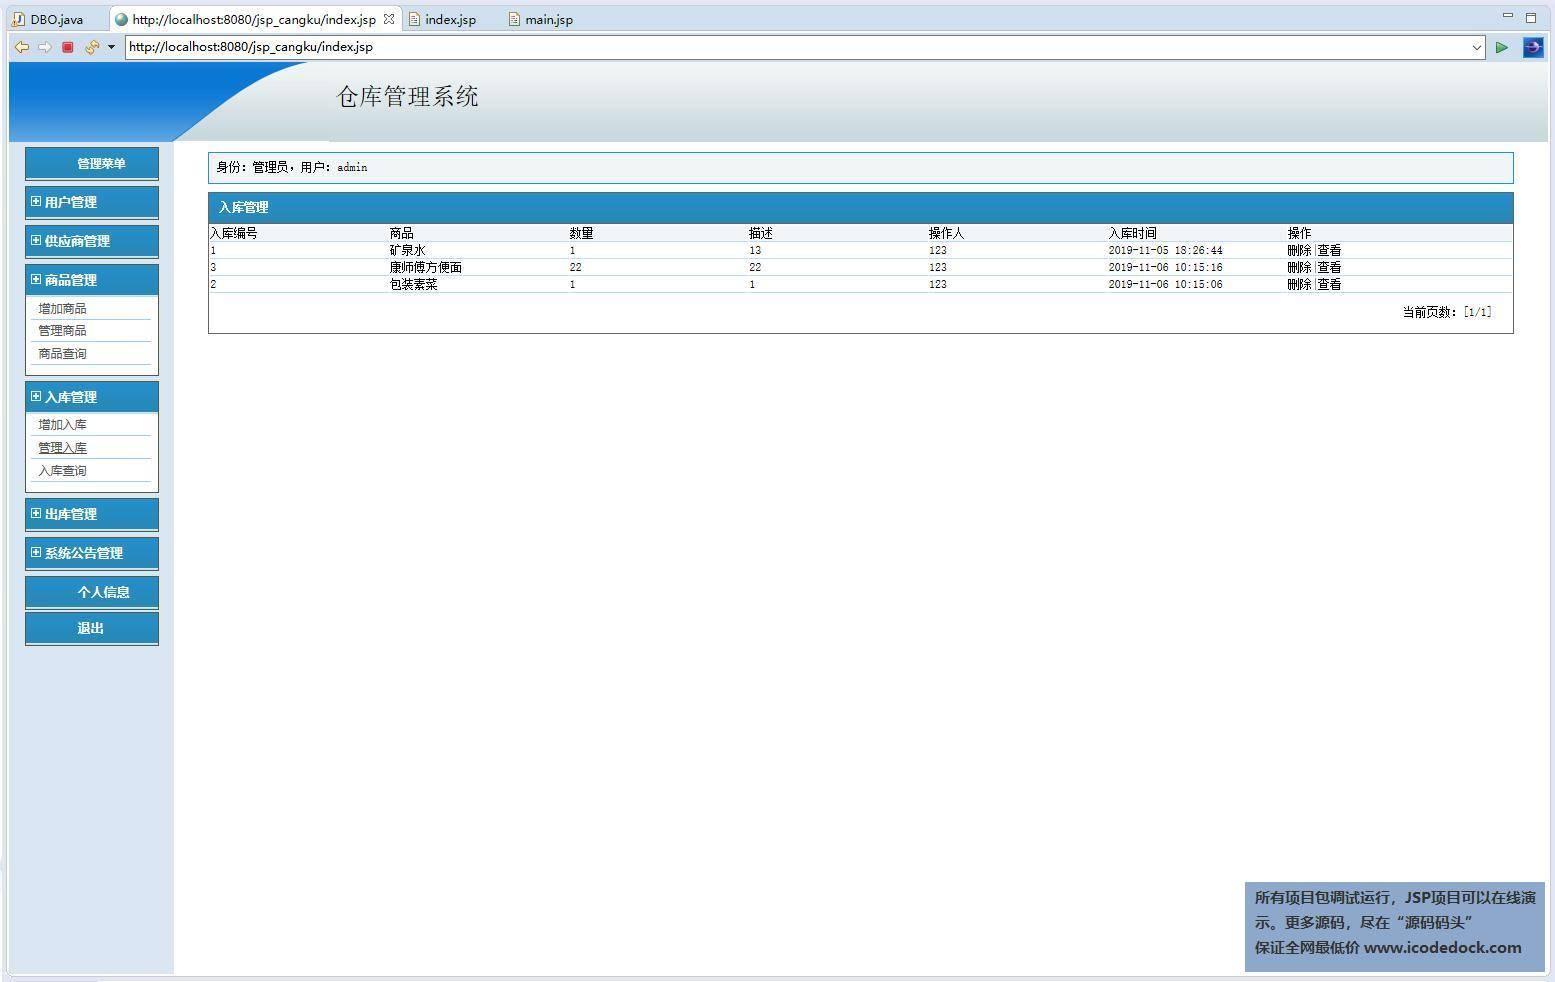 源码码头-JSP仓库管理系统-管理员角色-入库管理